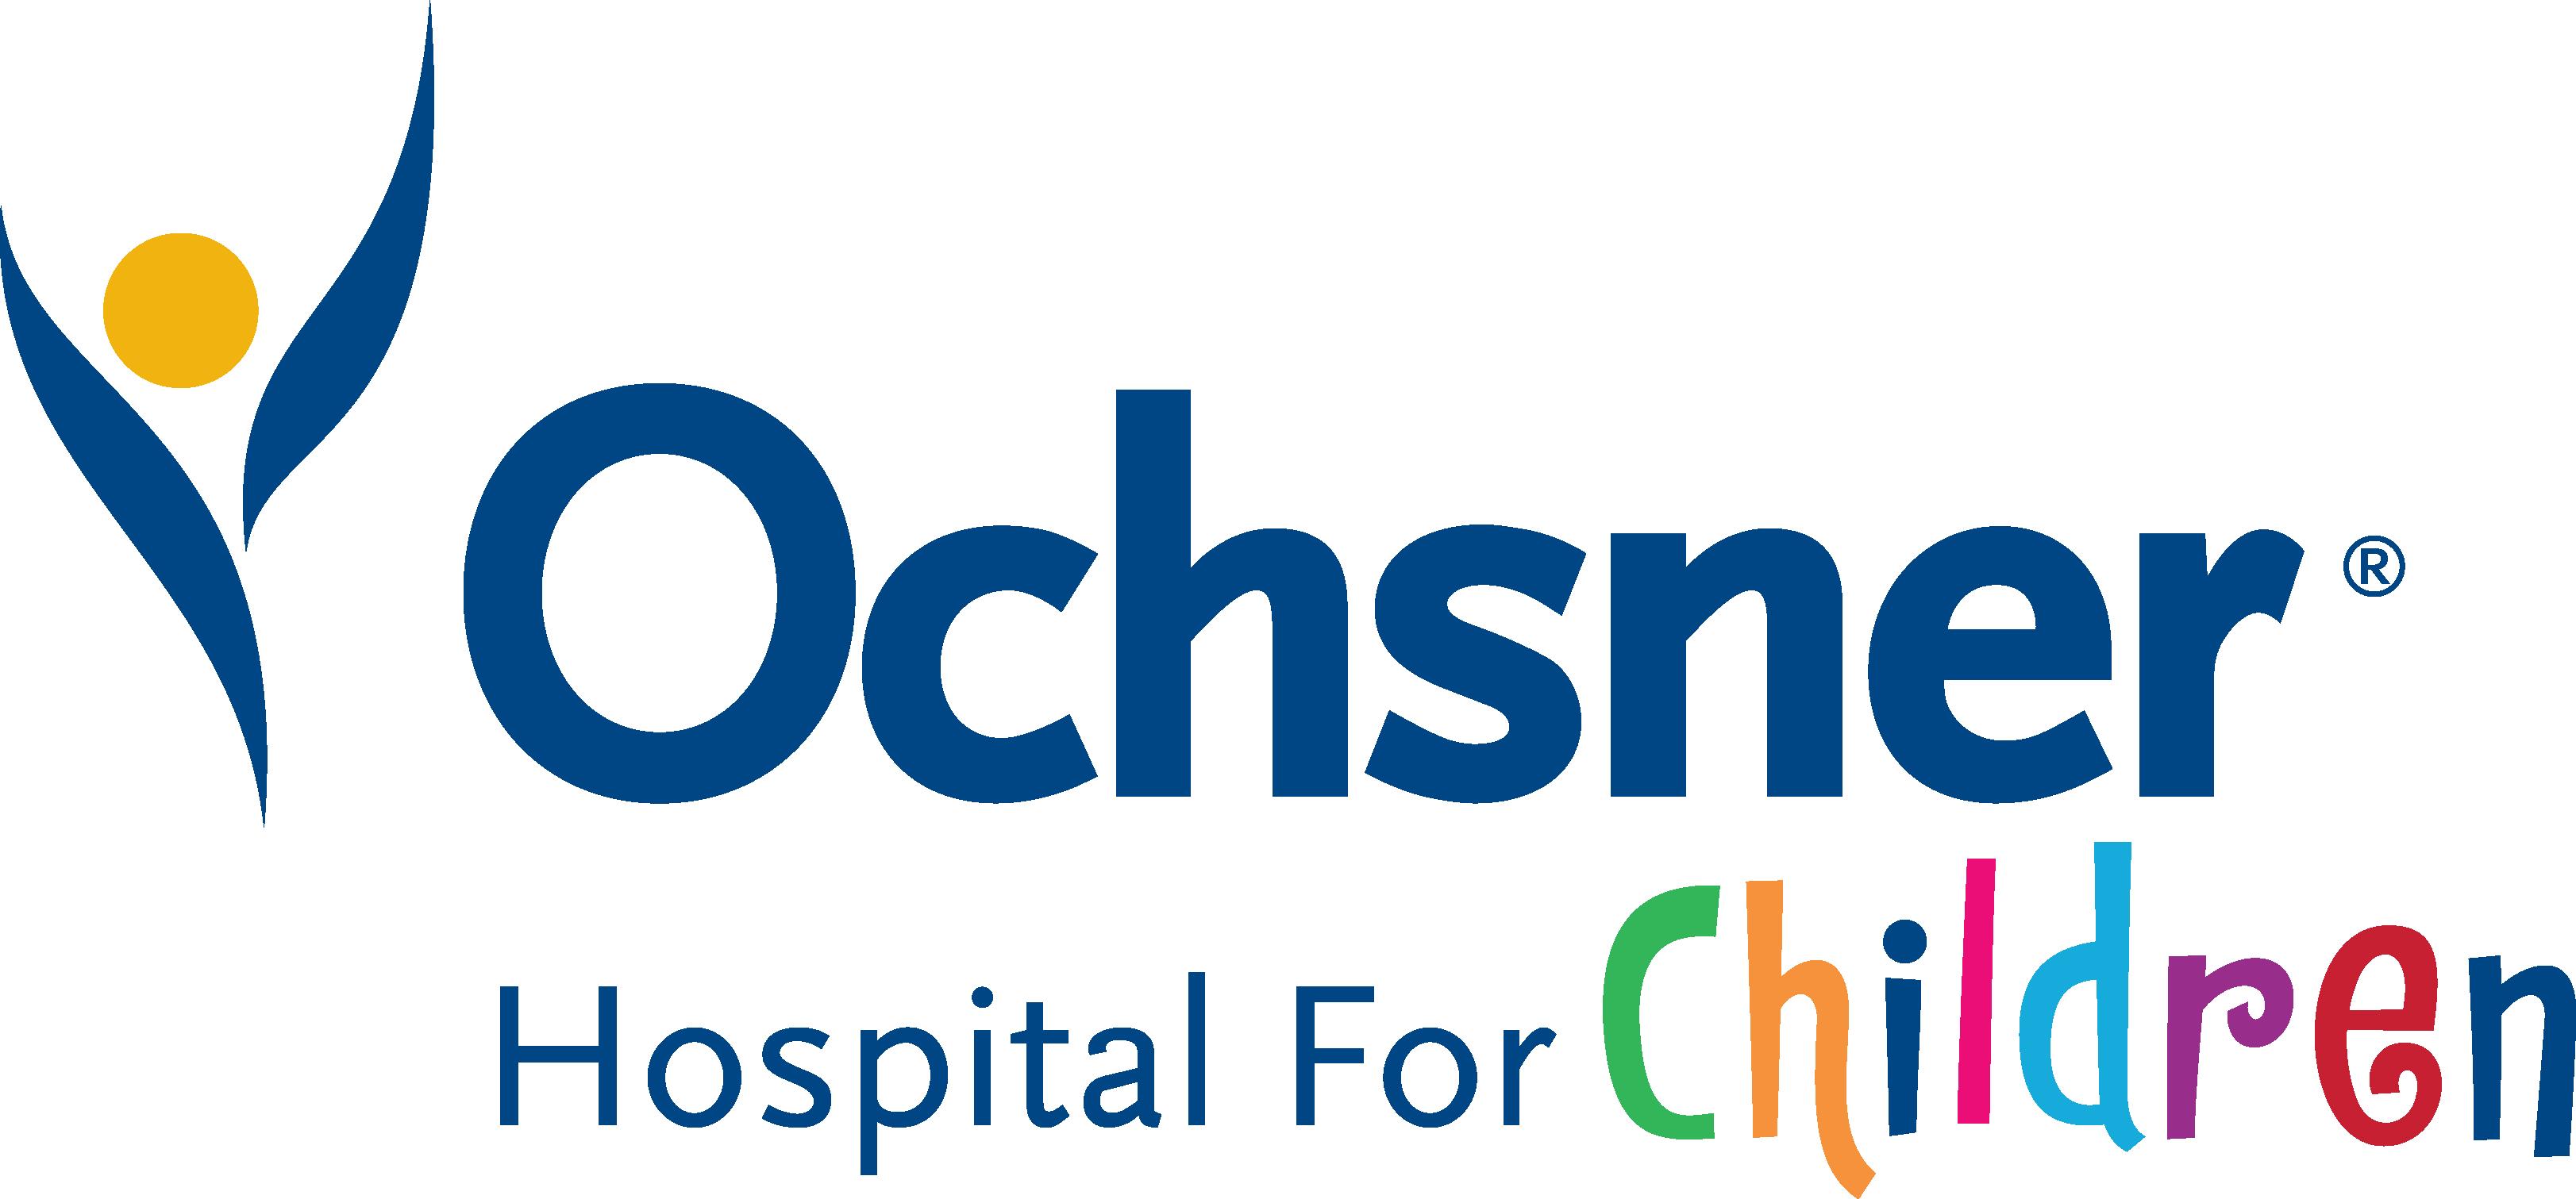 Ochsner Hospital For Children_Logo